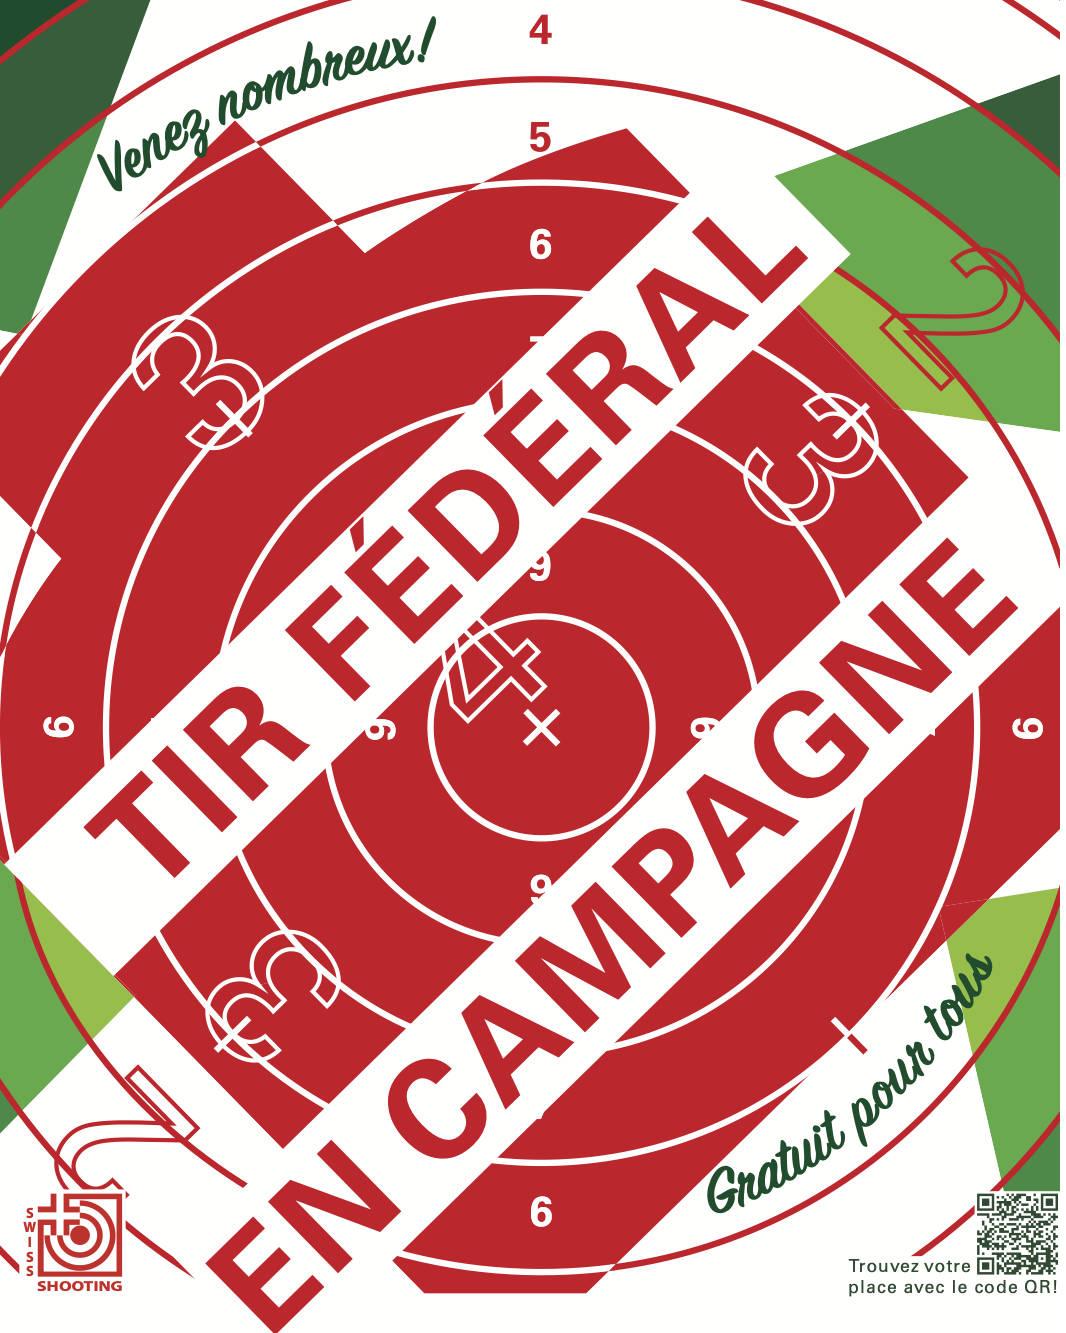 Affiche du tir fédéral en campagne.